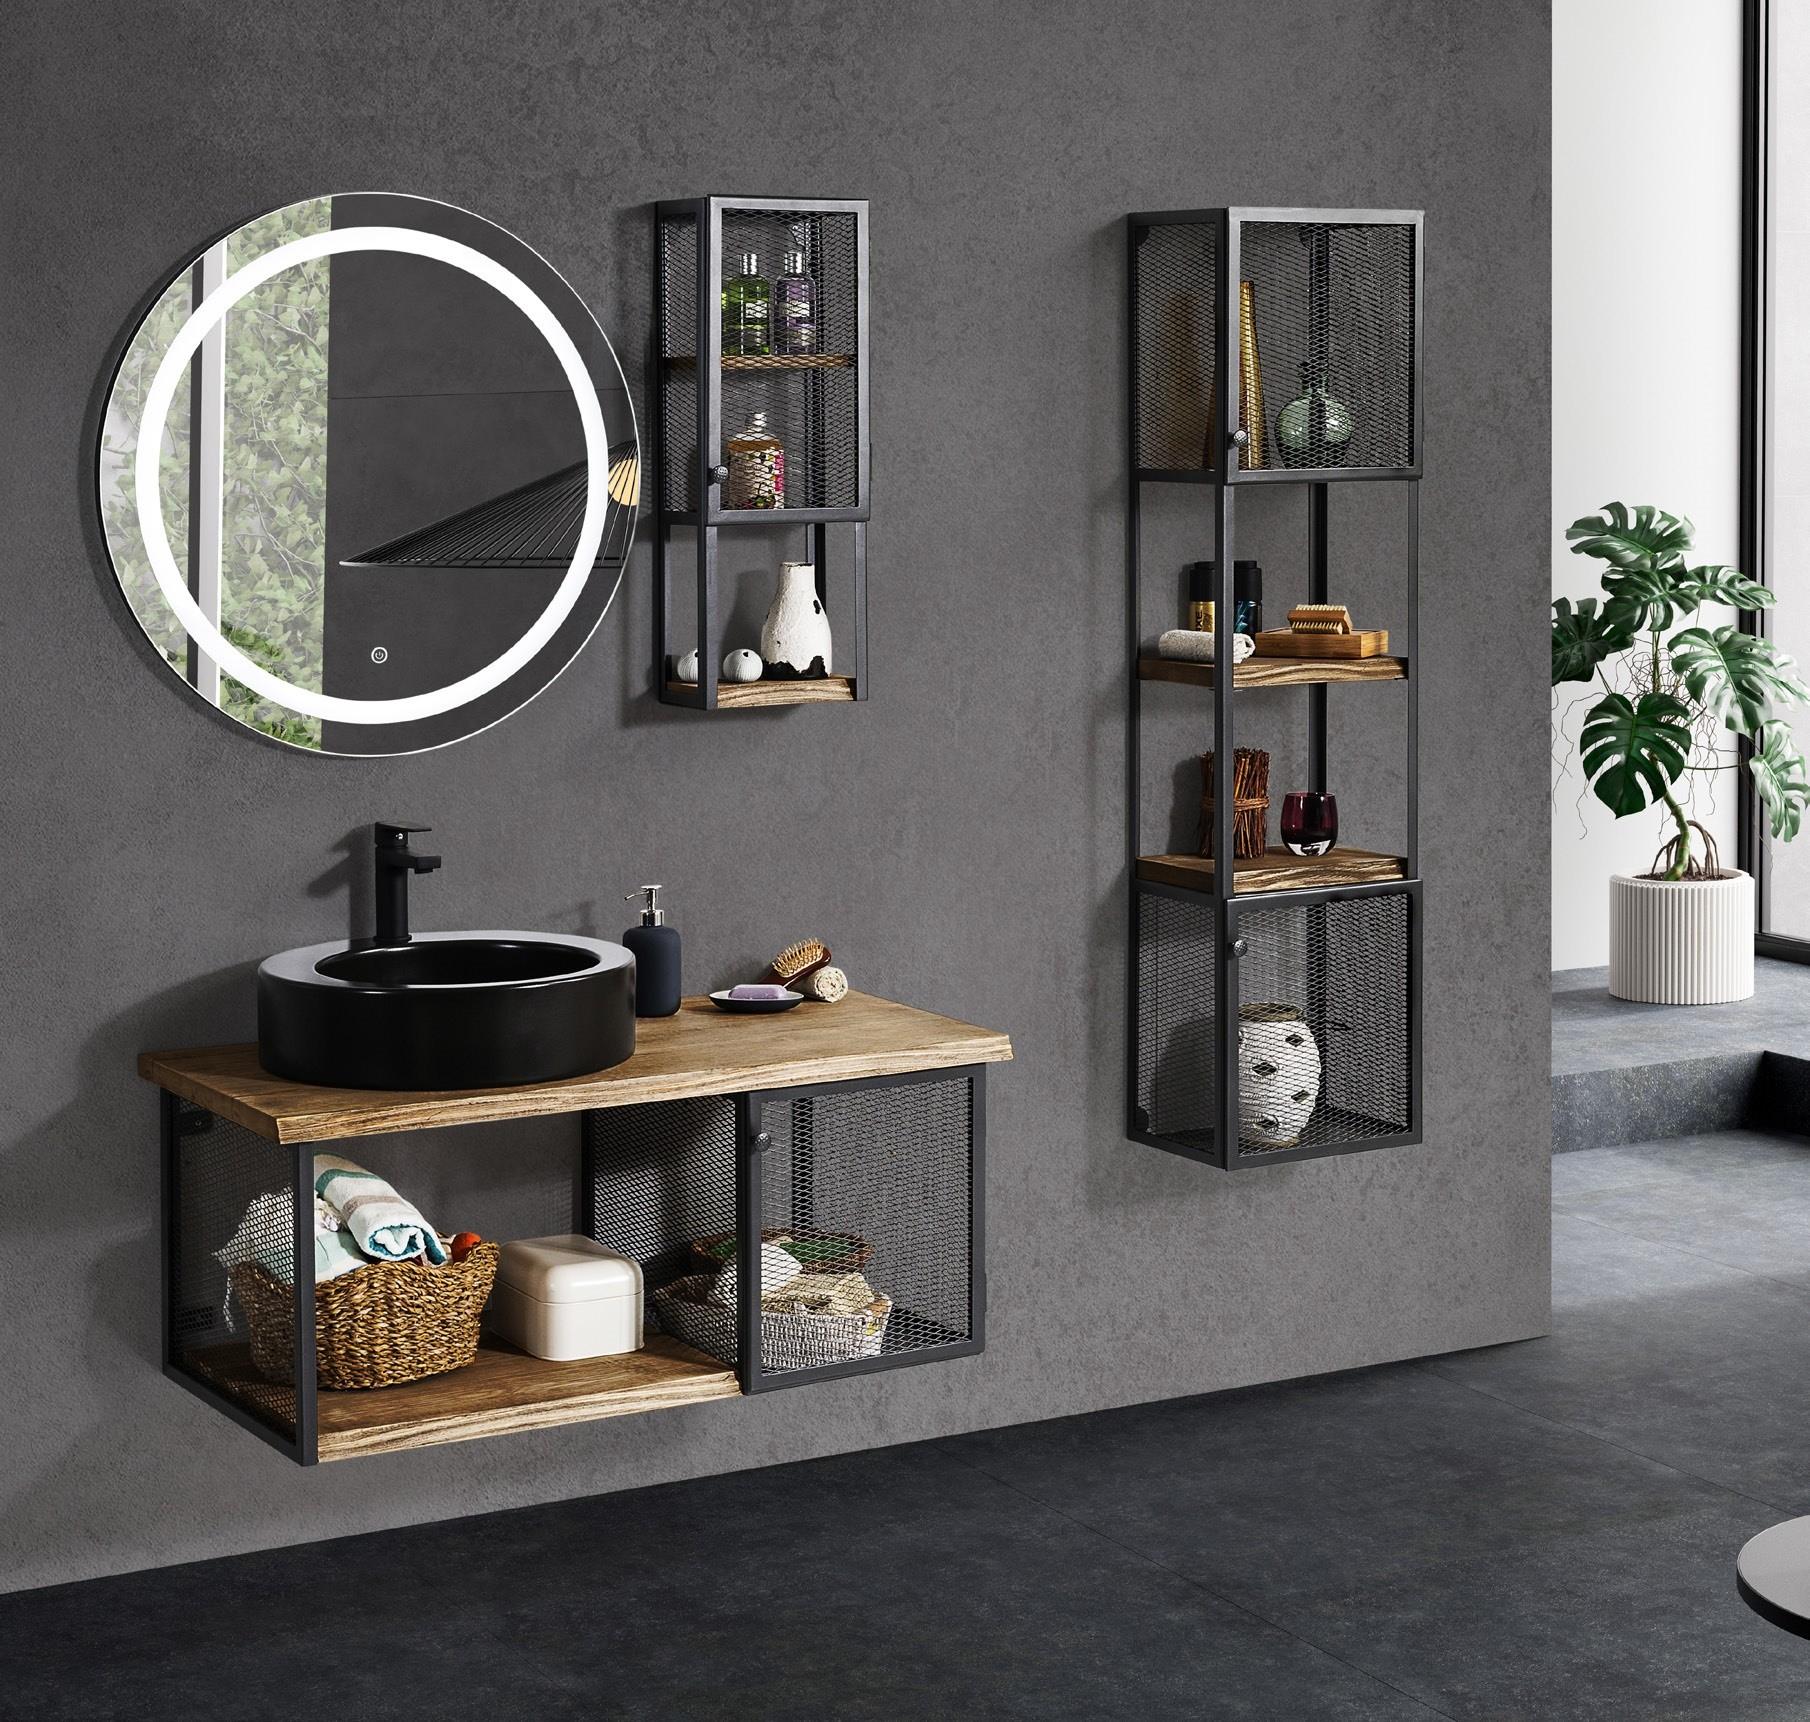 salle de bain metal peint noir mat